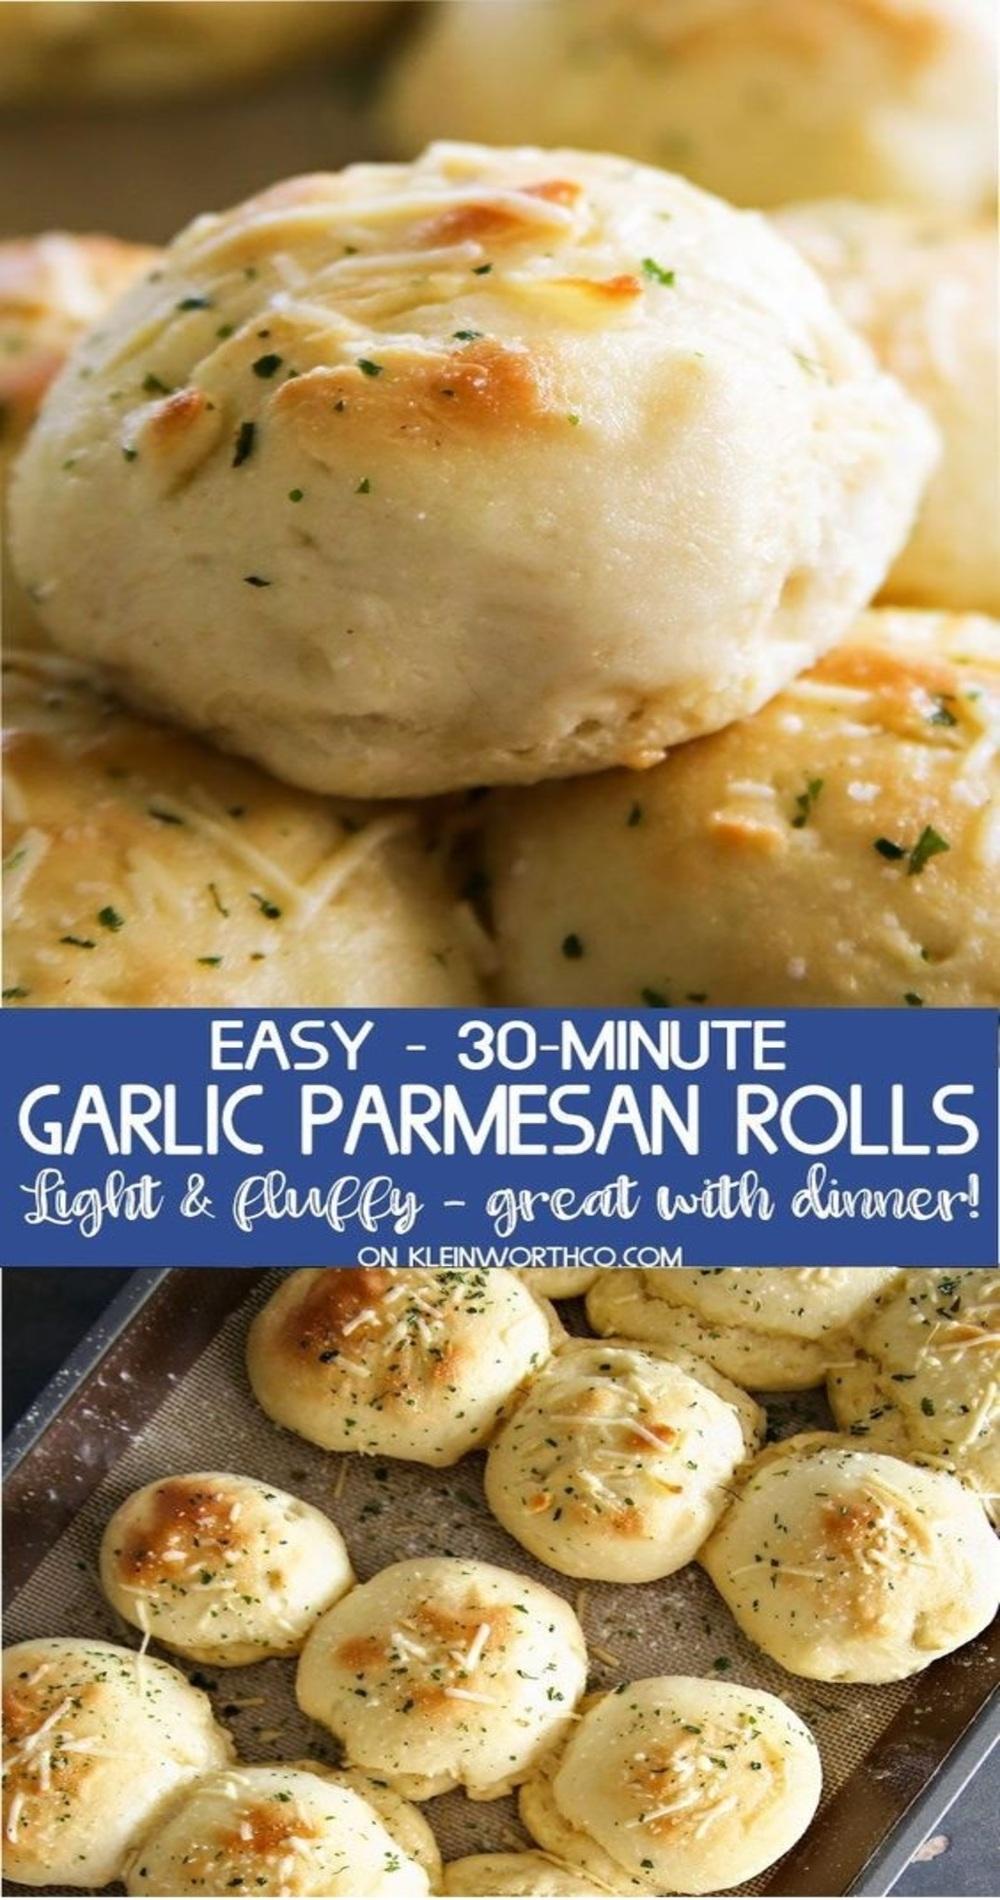 30-Minute Garlic Parmesan Dinner Rolls